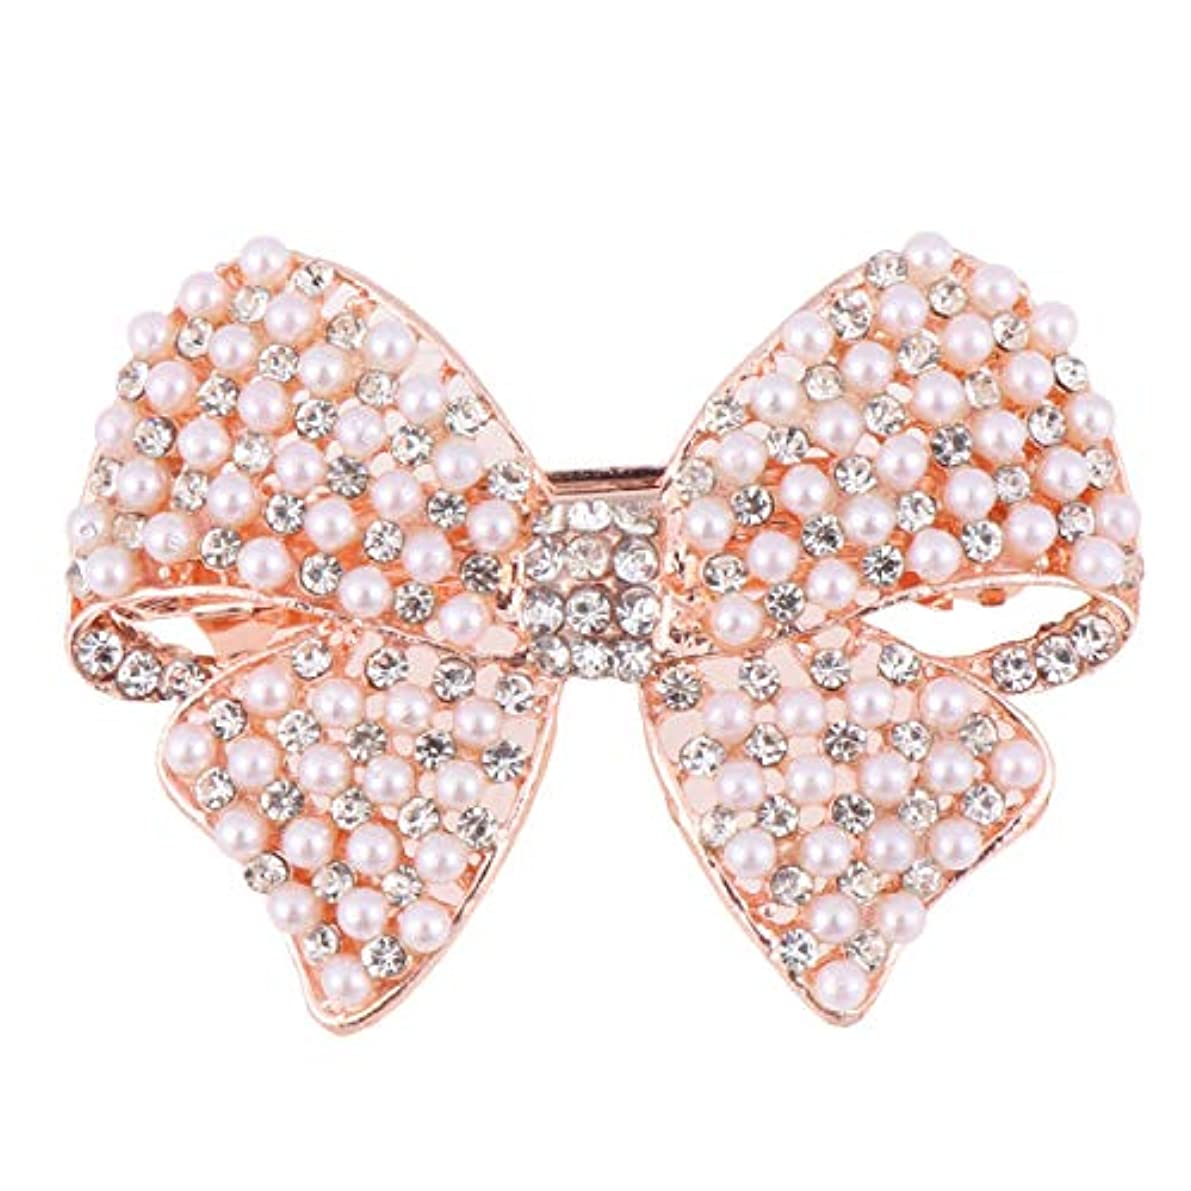 ダイヤルオンス根拠Beaupretty 女性のための真珠の弓のヘアクリップラインストーンヘアピンヘッドドレスバレッタちょう結び